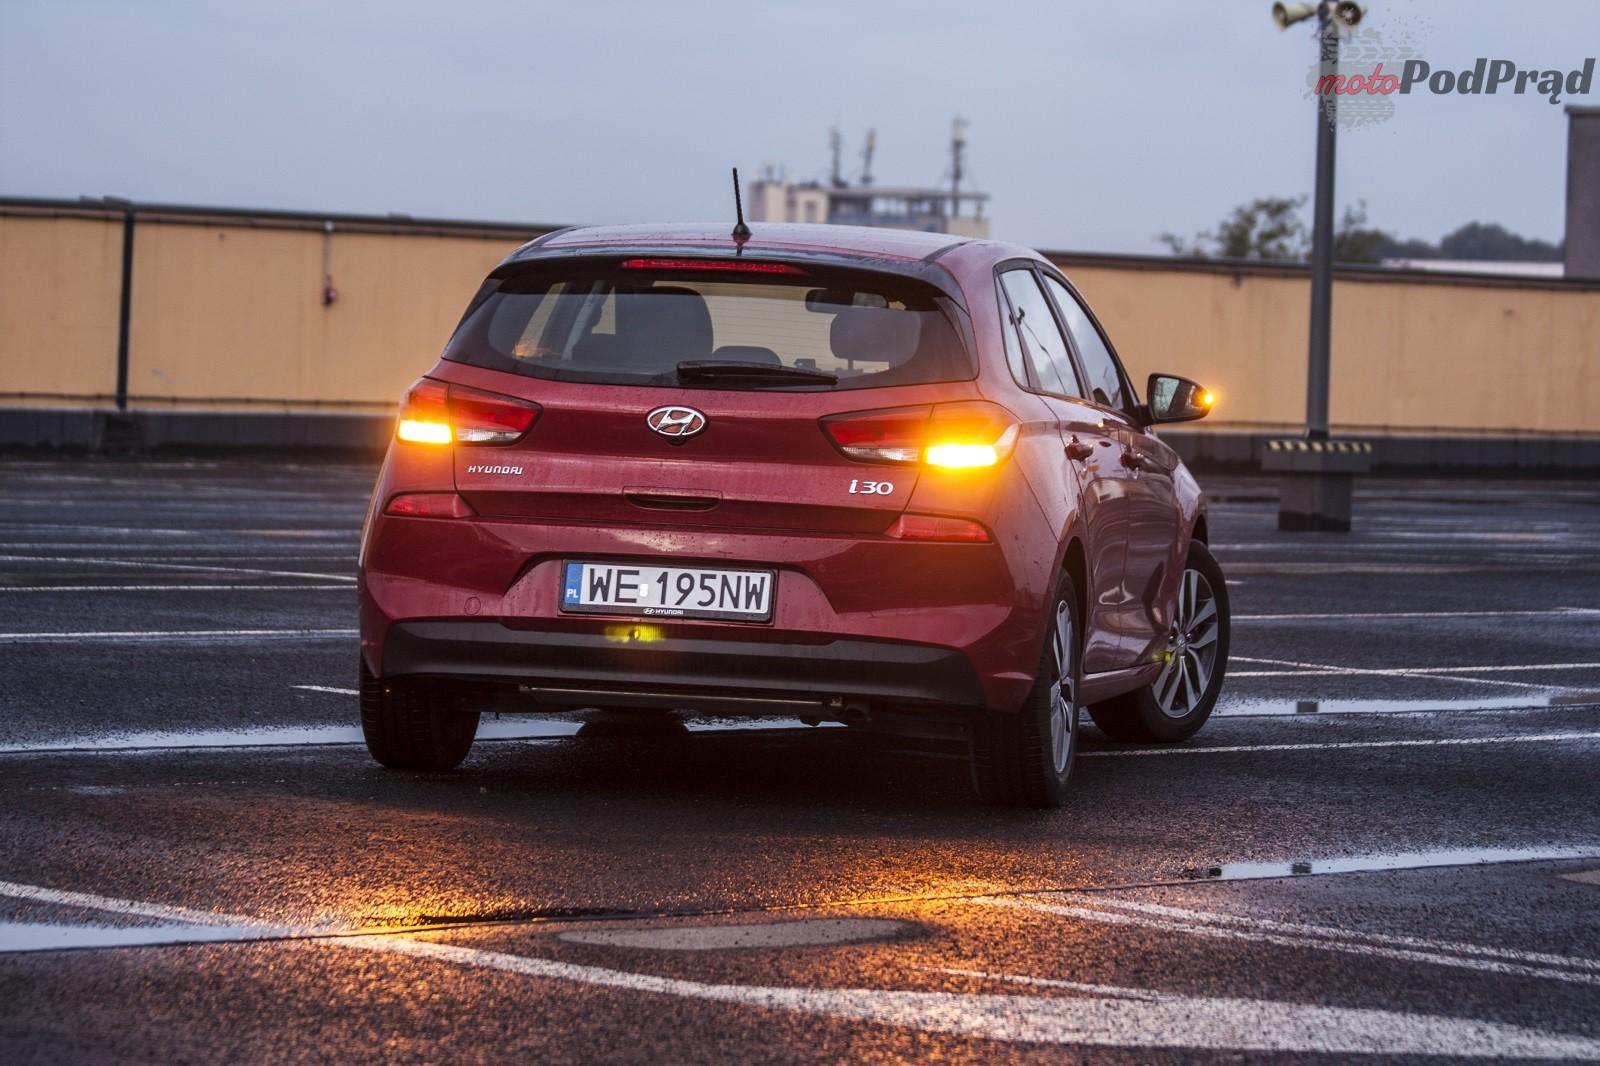 Hyundai i30 7 Test: Hyundai i30 1.0 T GDI   hultaj z wielkimi aspiracjami